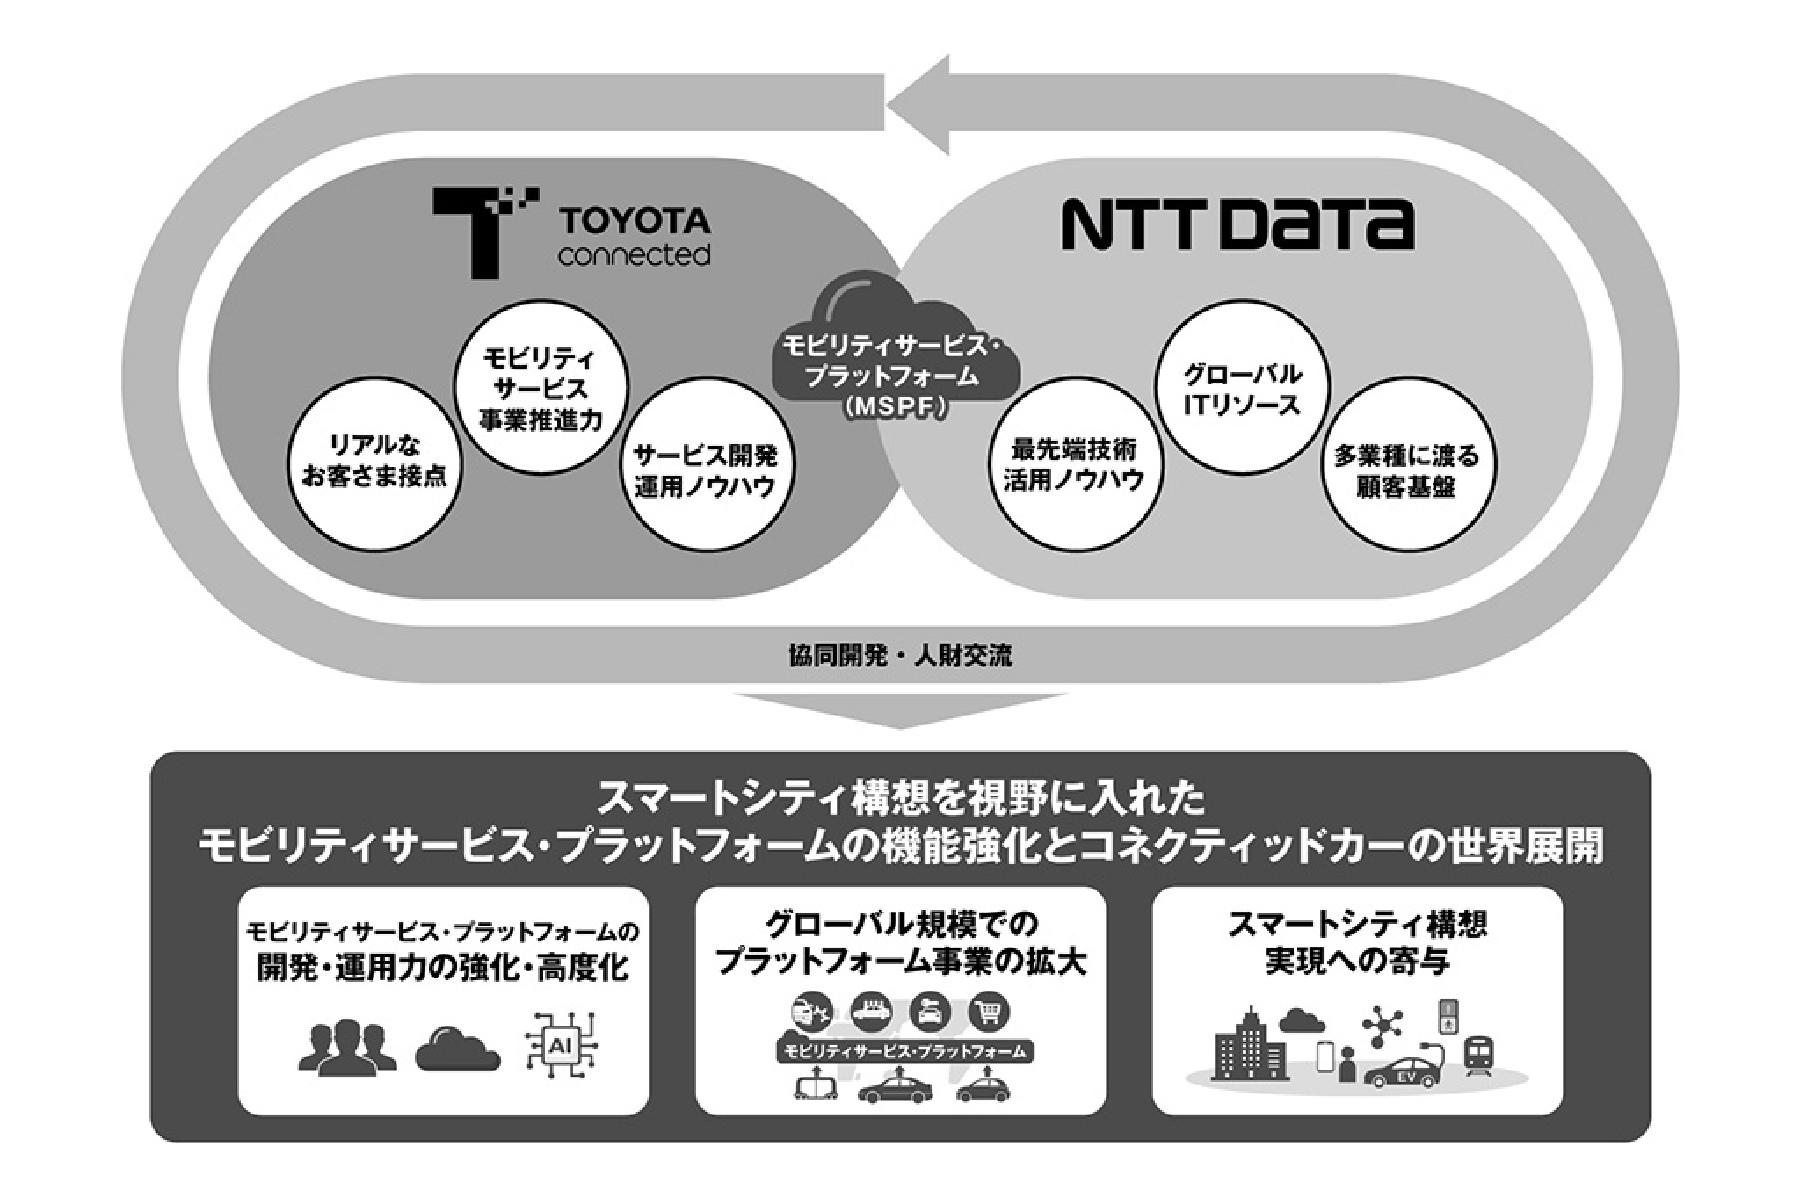 トヨタコネクティッド×NTTデータ | モビリティサービス事業領域における業務提携を開始